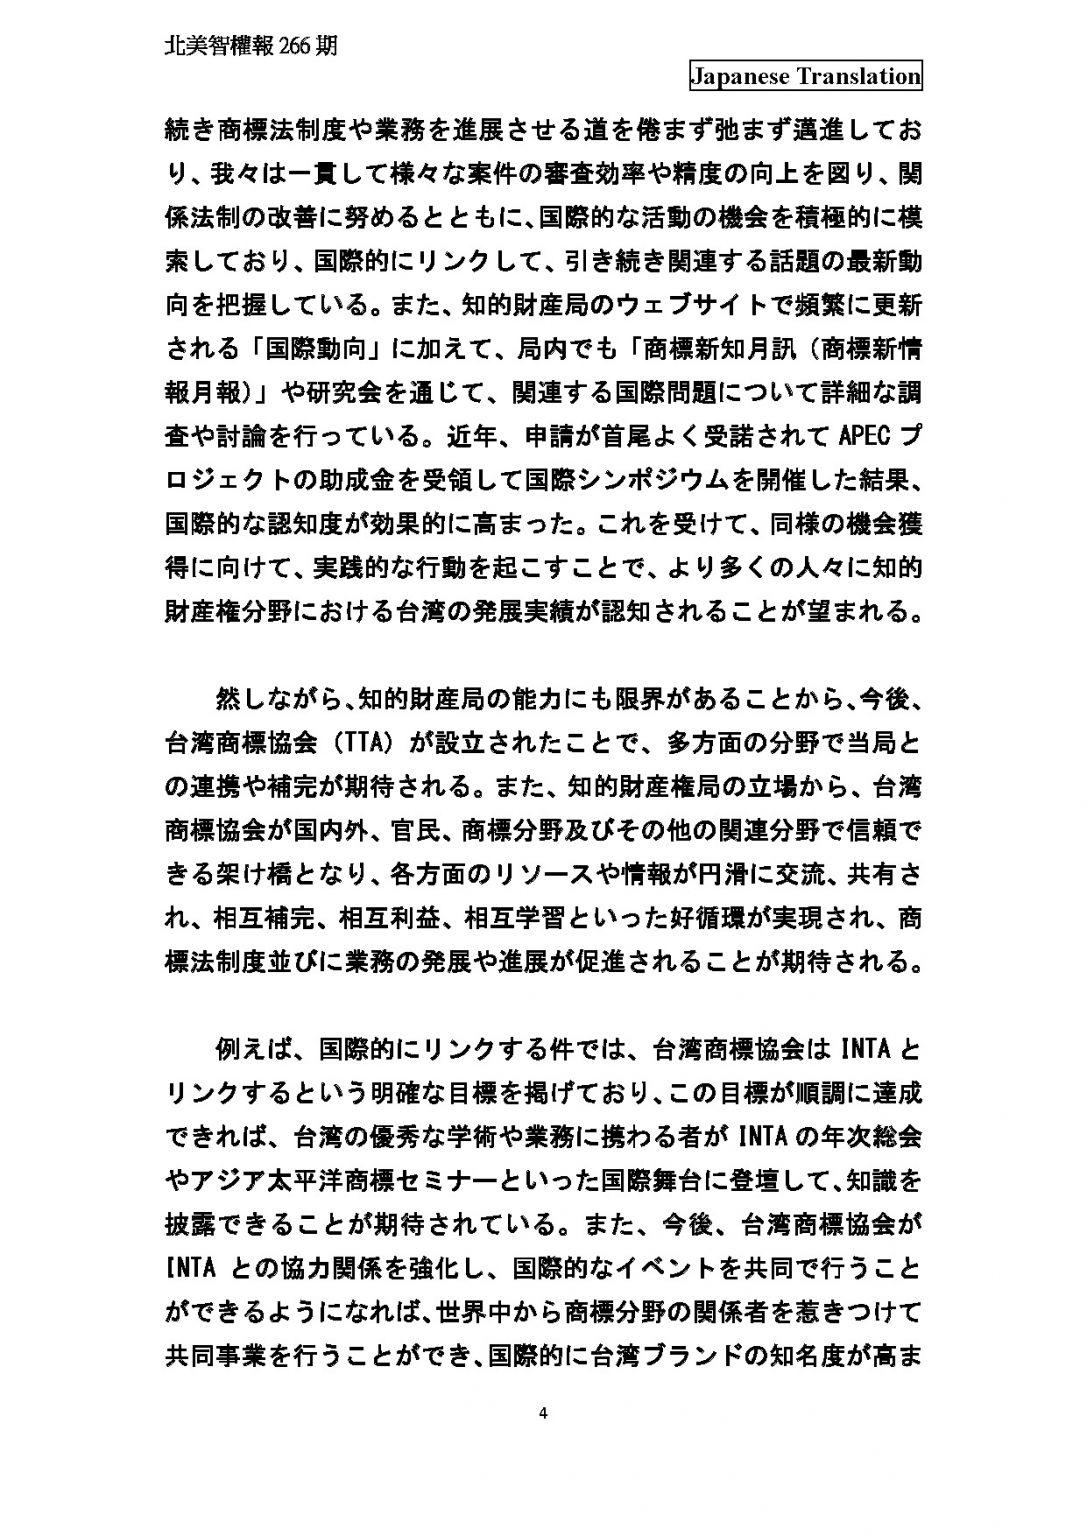 266日文_頁面_4